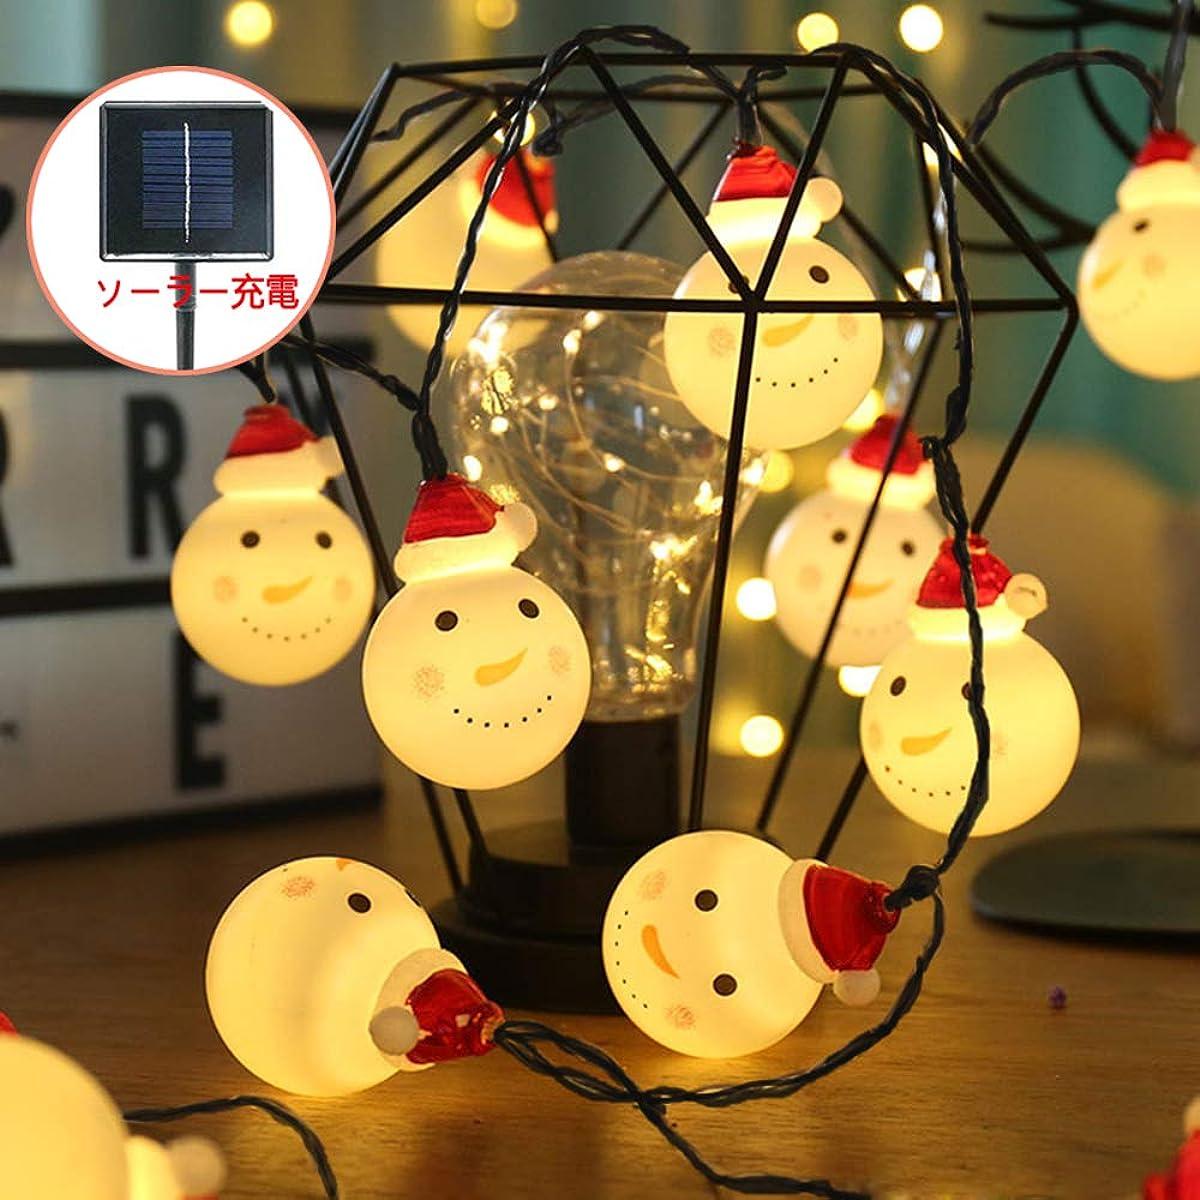 大事にする床記憶に残るイルミネーションライト REAK サンタさん イルミネーション ソーラー式 クリスマスLED サンタクロース 20球 可愛い 飾りライト 光センサー内蔵 ストリングライト ソーラーライト ソーラー充電 8点灯モード 屋外 室内 (暖色)